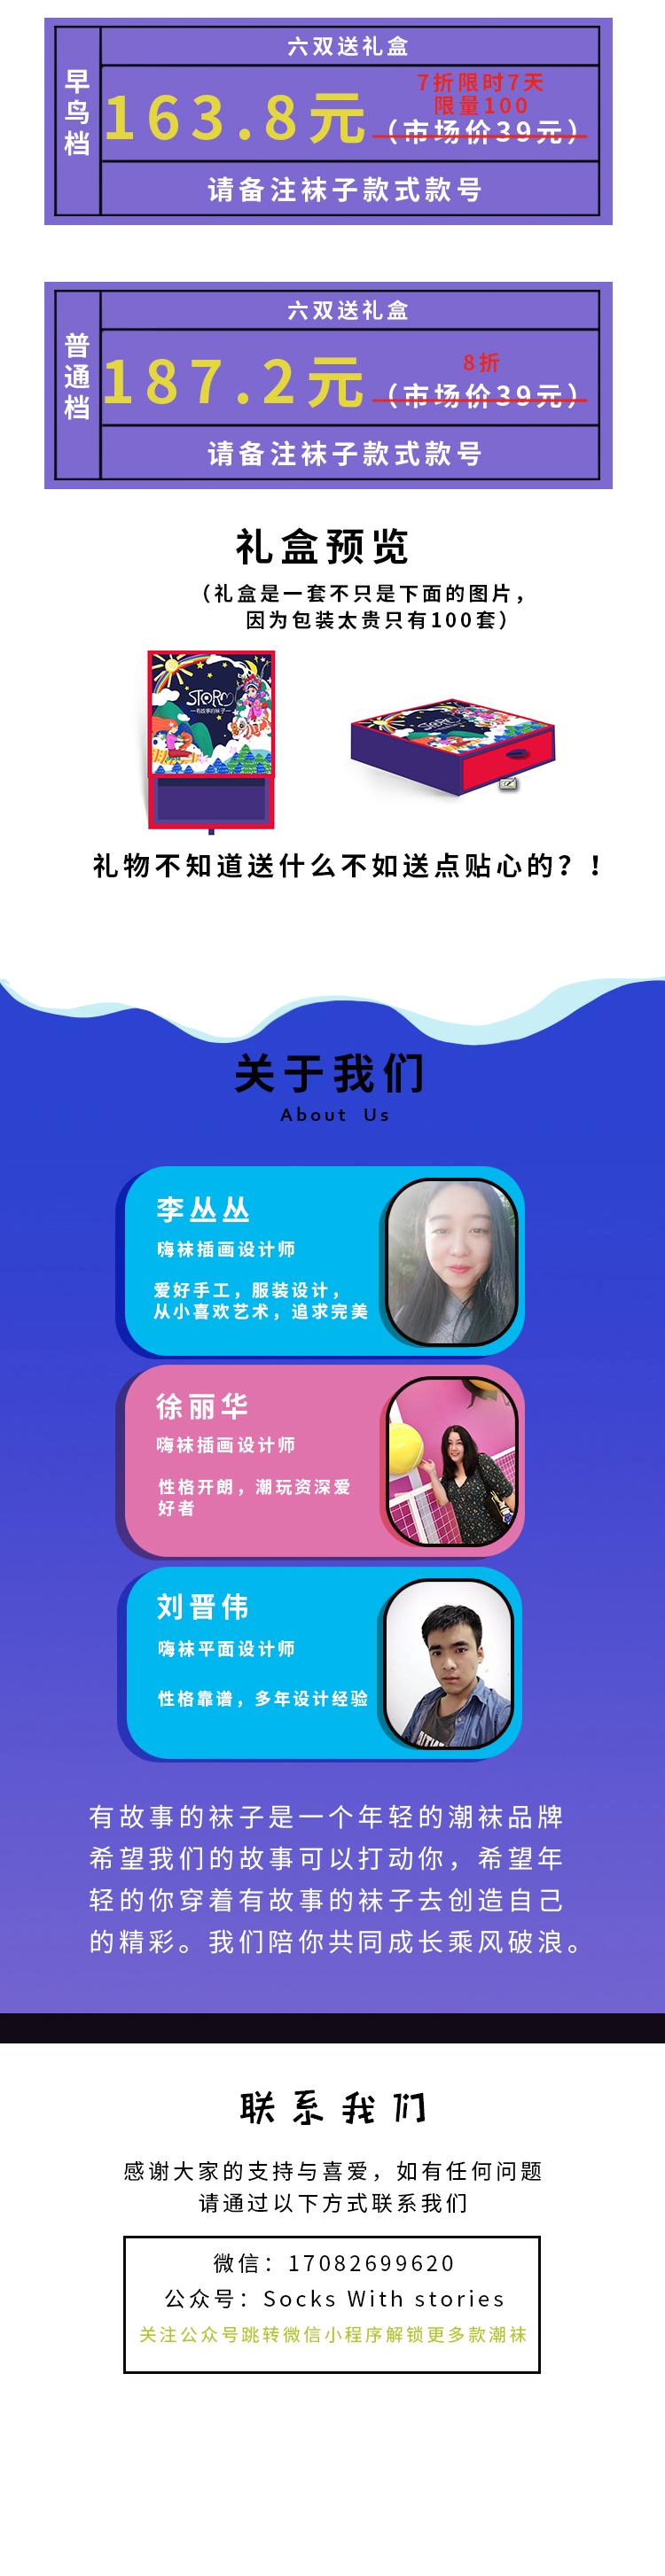 wanzheng6.jpg